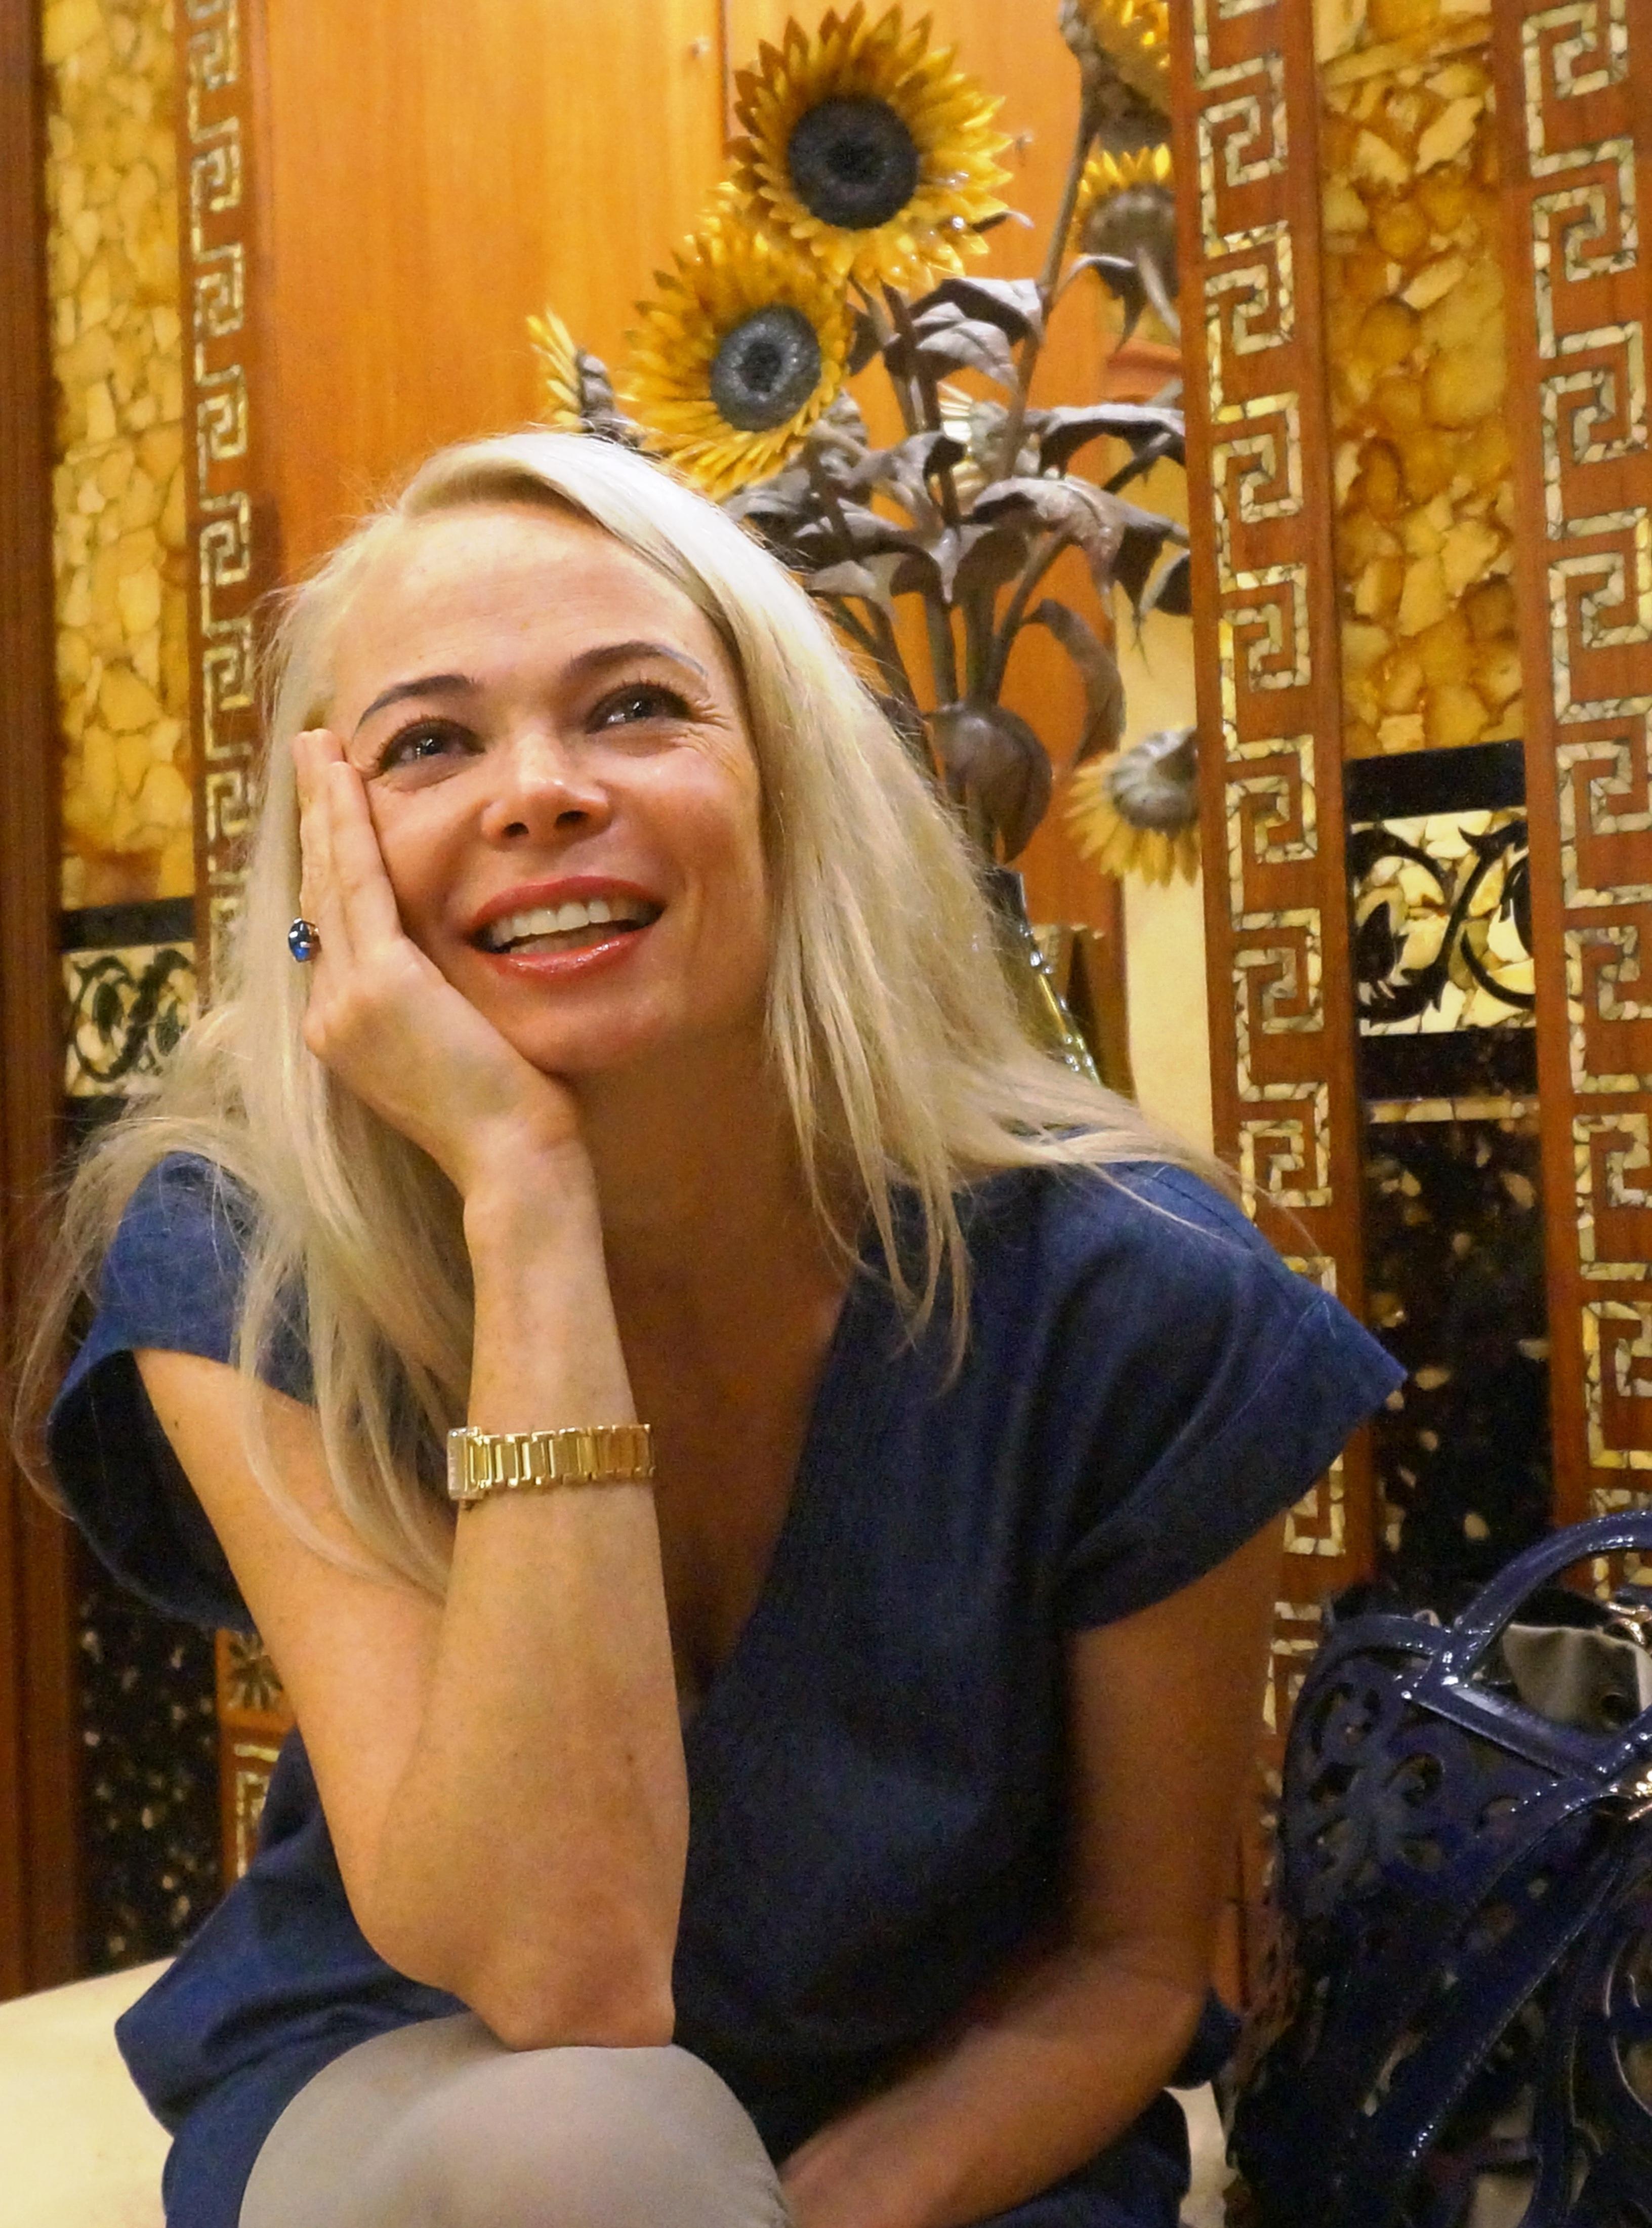 В Янтарной комнате с Натали Валнере. Фото: Ульяна Ким/Великая Эпоха